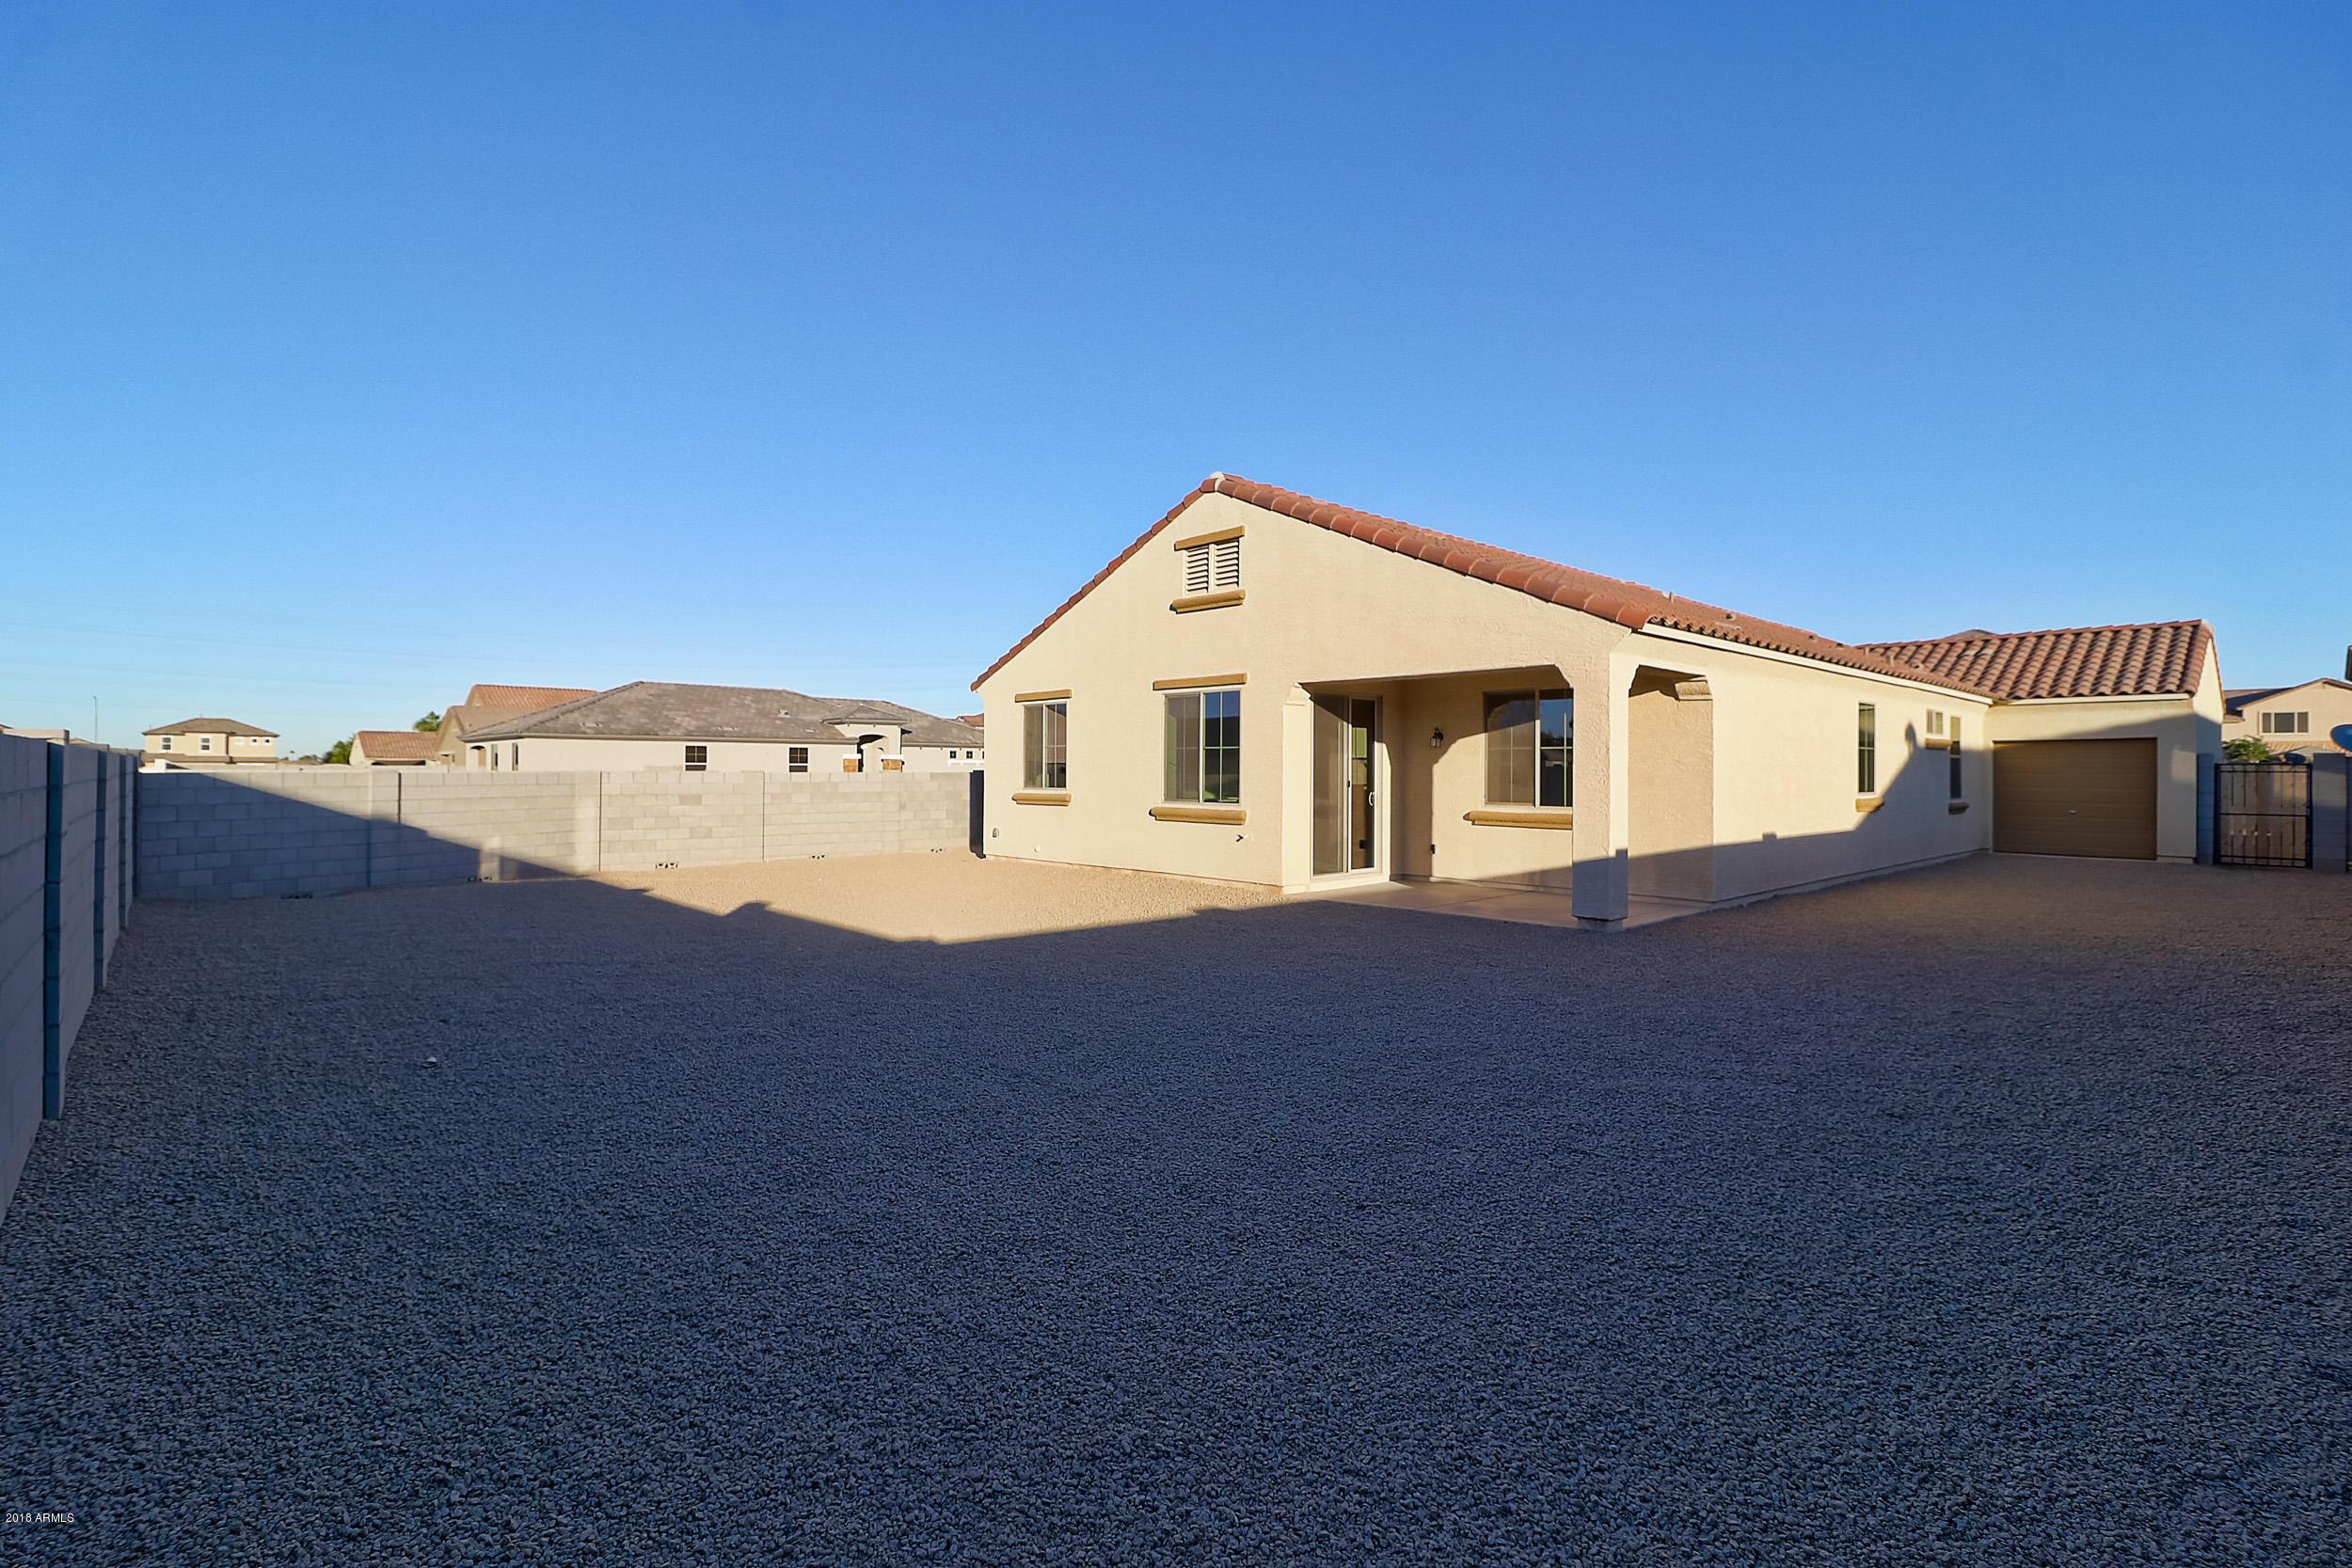 MLS 5847022 11967 W RIO VISTA Lane, Avondale, AZ 85323 Avondale AZ Newly Built